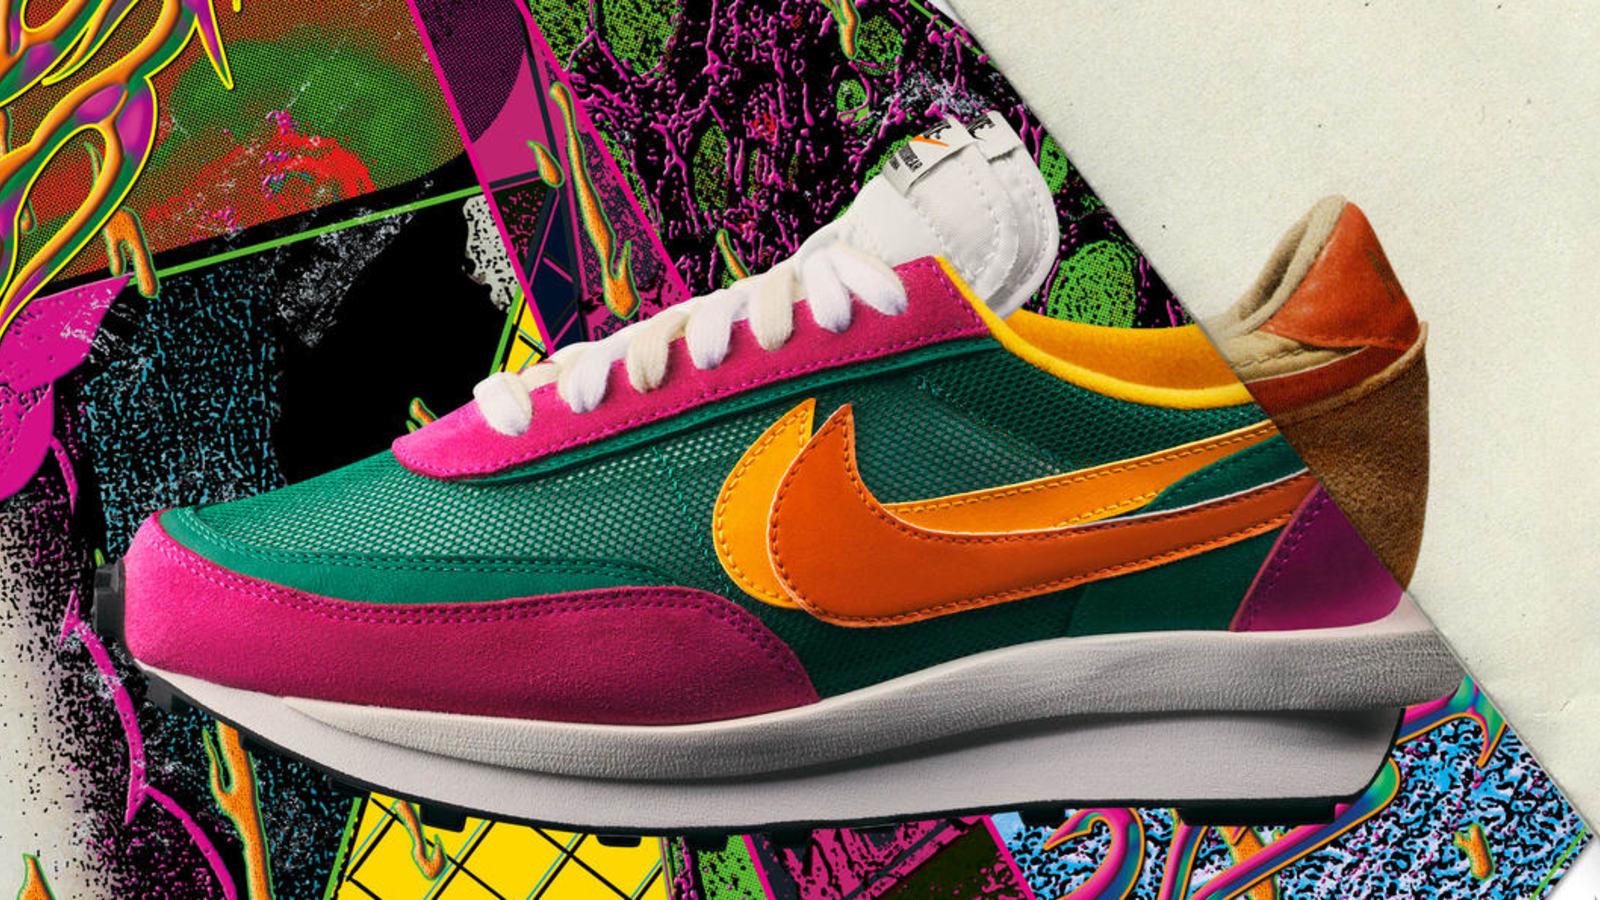 사카이와 나이키가 협업해 패션계를 떠들썩하게 했던 LDV 와플 스니커즈가 다른 컬러를 선보인다.